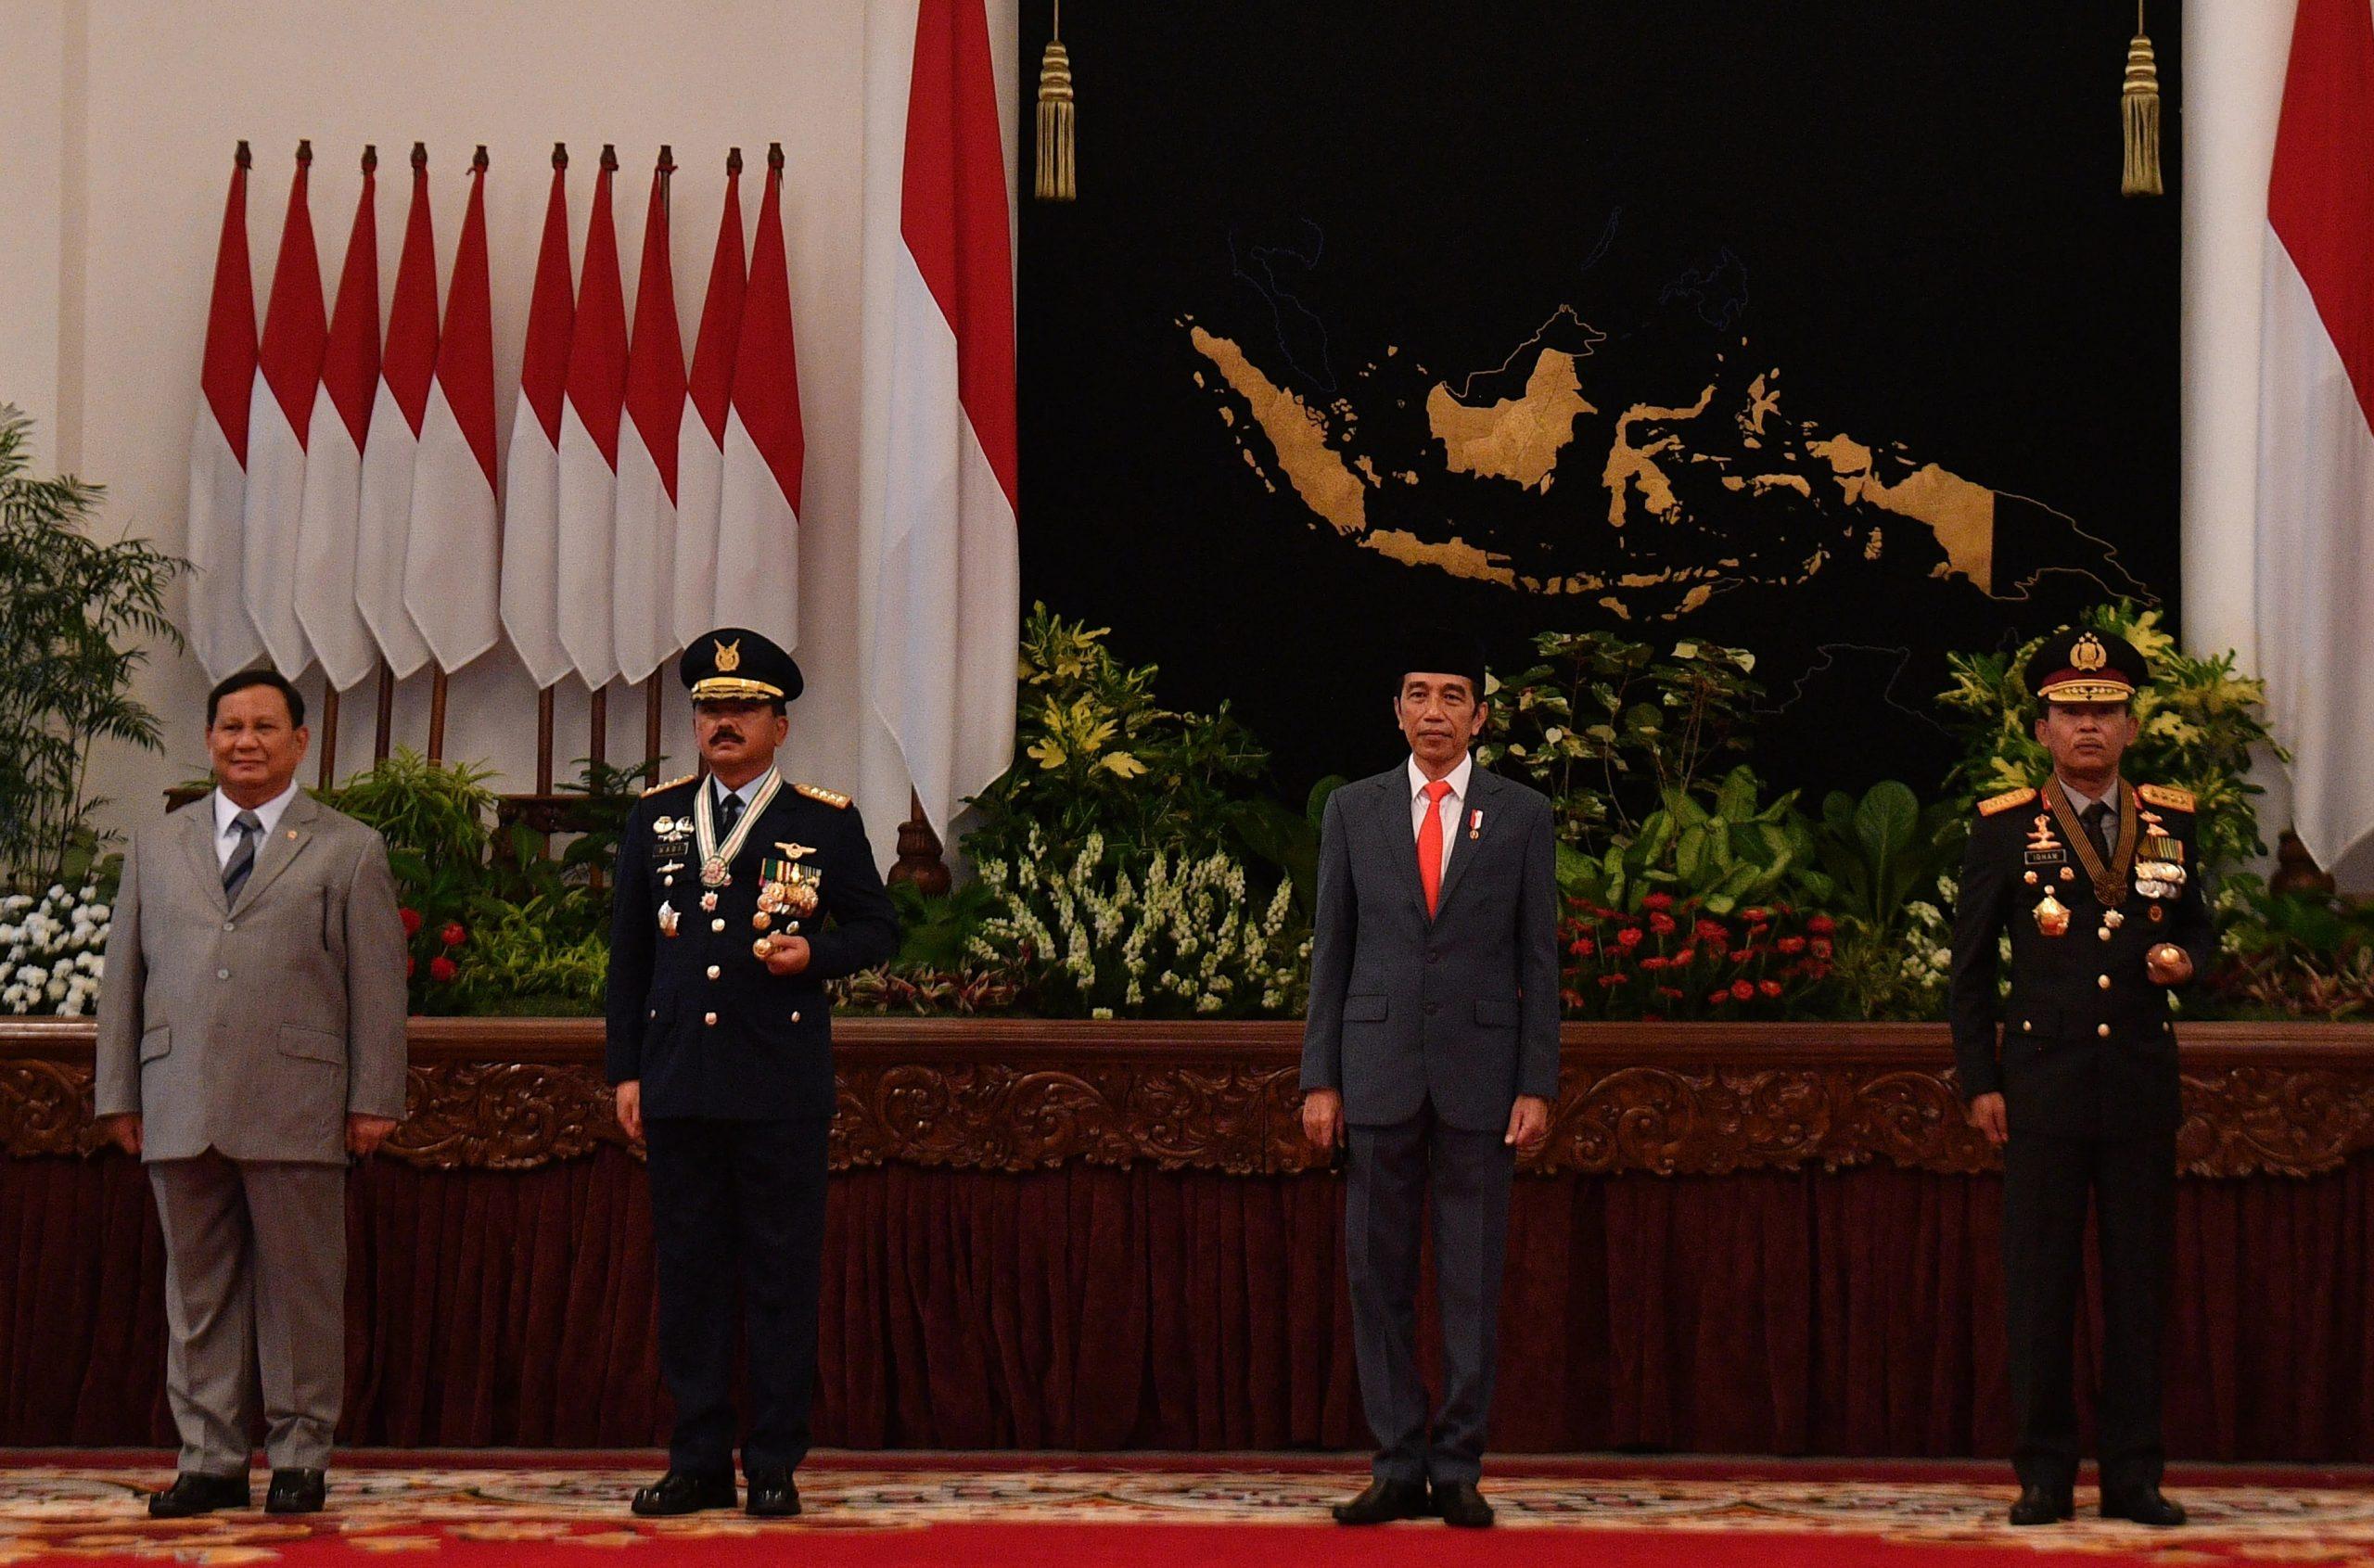 HUT Bhayangkara ke-74 Presiden Berikan 7 Instruksi Buat Polri